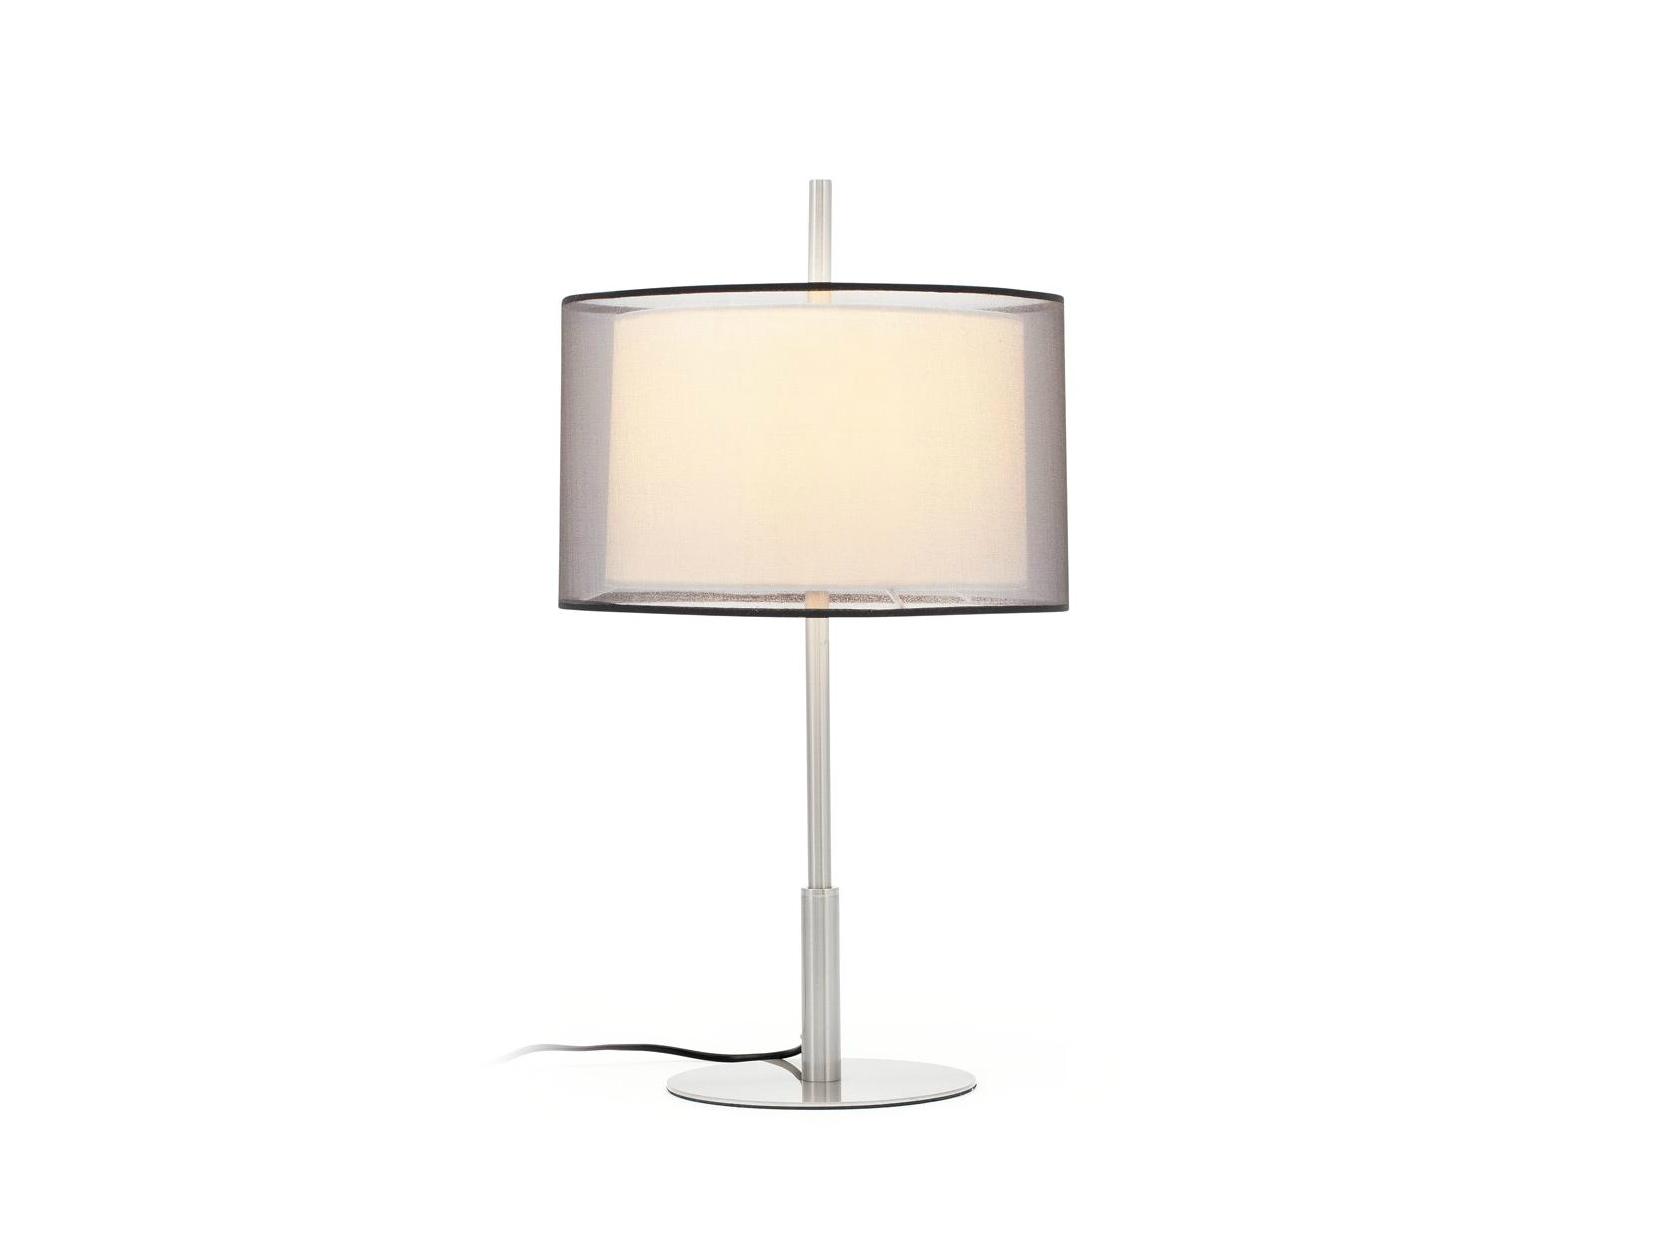 Настольная лампа SabaДекоративные лампы<br>&amp;lt;div&amp;gt;Настольная лампа Saba дарит приятный тёплый свет и позволяет с комфортом провести время за чтением, письмом, рукоделием и чем вам ещё заблагорассудится. Главная «фишка» коллекции Saba — двойной абажур: внутри конструкции располагается диффузор из опалового стекла, внешний элемент обтянут полупрозрачной тканью, которая обеспечивает первоклассную игру света. При включенном светильнике Saba в помещении чувствуешь себя по-особому — спокойно, расслабленно, в безопасности. Ножка лампы имеет никелированное покрытие.&amp;lt;br&amp;gt;&amp;lt;/div&amp;gt;&amp;lt;div&amp;gt;&amp;lt;br&amp;gt;&amp;lt;/div&amp;gt;Вид цоколя: Е27&amp;lt;div&amp;gt;Мощность лампы: 40W&amp;lt;/div&amp;gt;&amp;lt;div&amp;gt;Количество ламп: 1&amp;lt;/div&amp;gt;&amp;lt;div&amp;gt;Наличие ламп: нет&amp;lt;/div&amp;gt;<br><br>Material: Металл<br>Height см: 59<br>Diameter см: 32